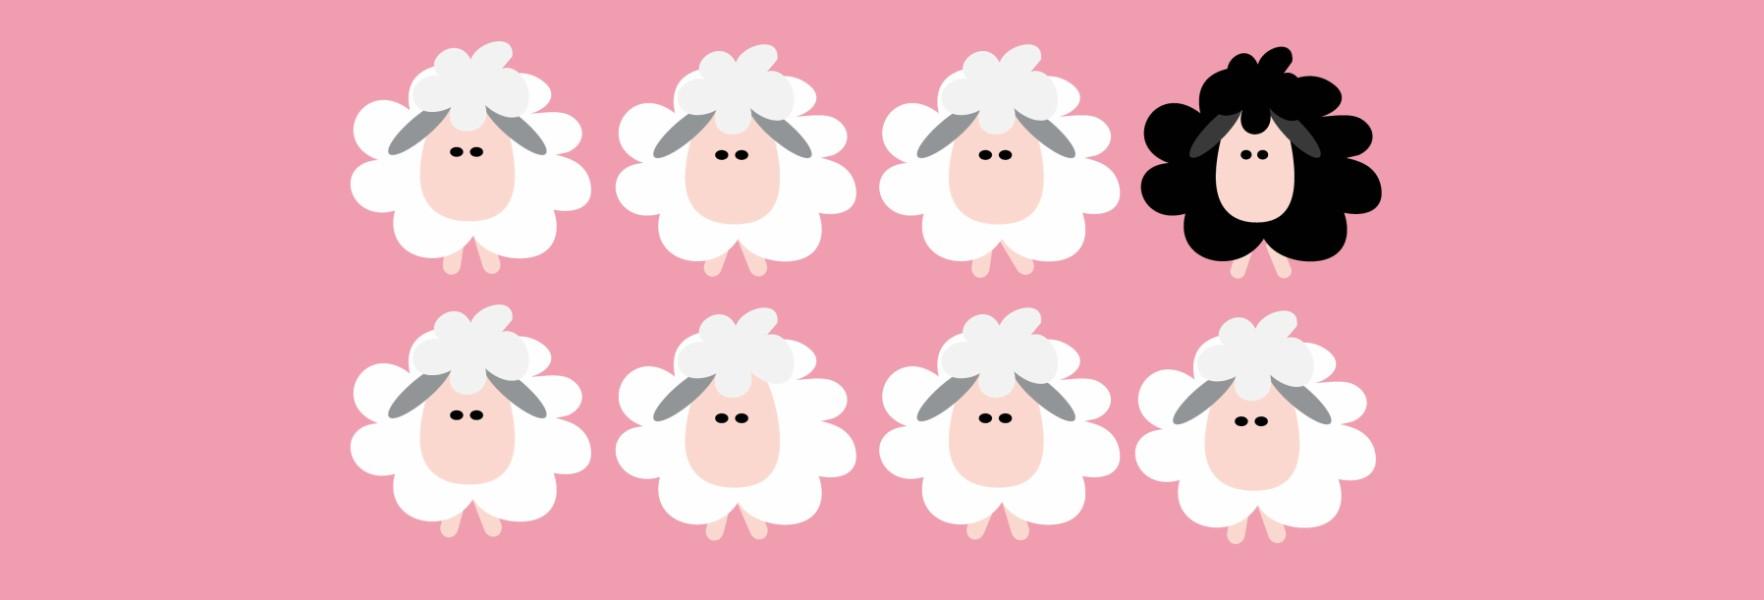 Clonación de mamíferos: algo más que una simple oveja - OpenMind